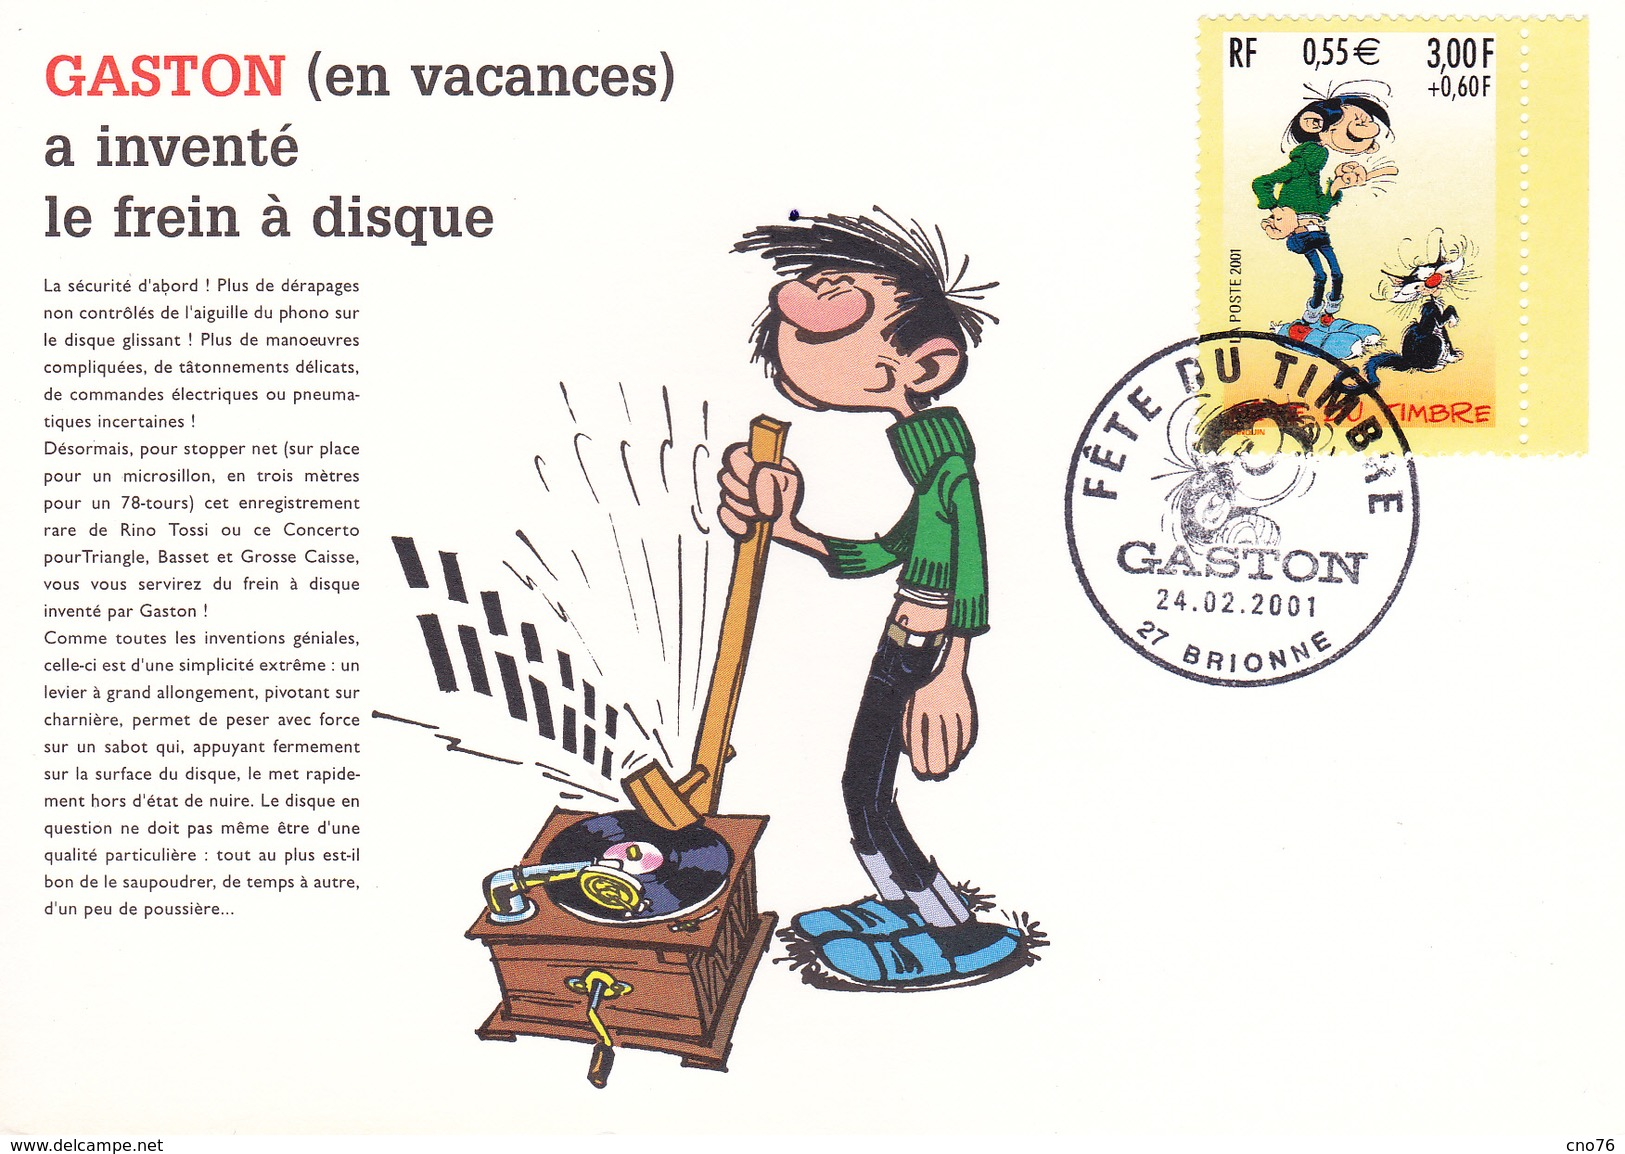 Gaston Lagaffe Fête Du Timbre 2001 Brionne 24 Février 2001 - Cartoline Maximum